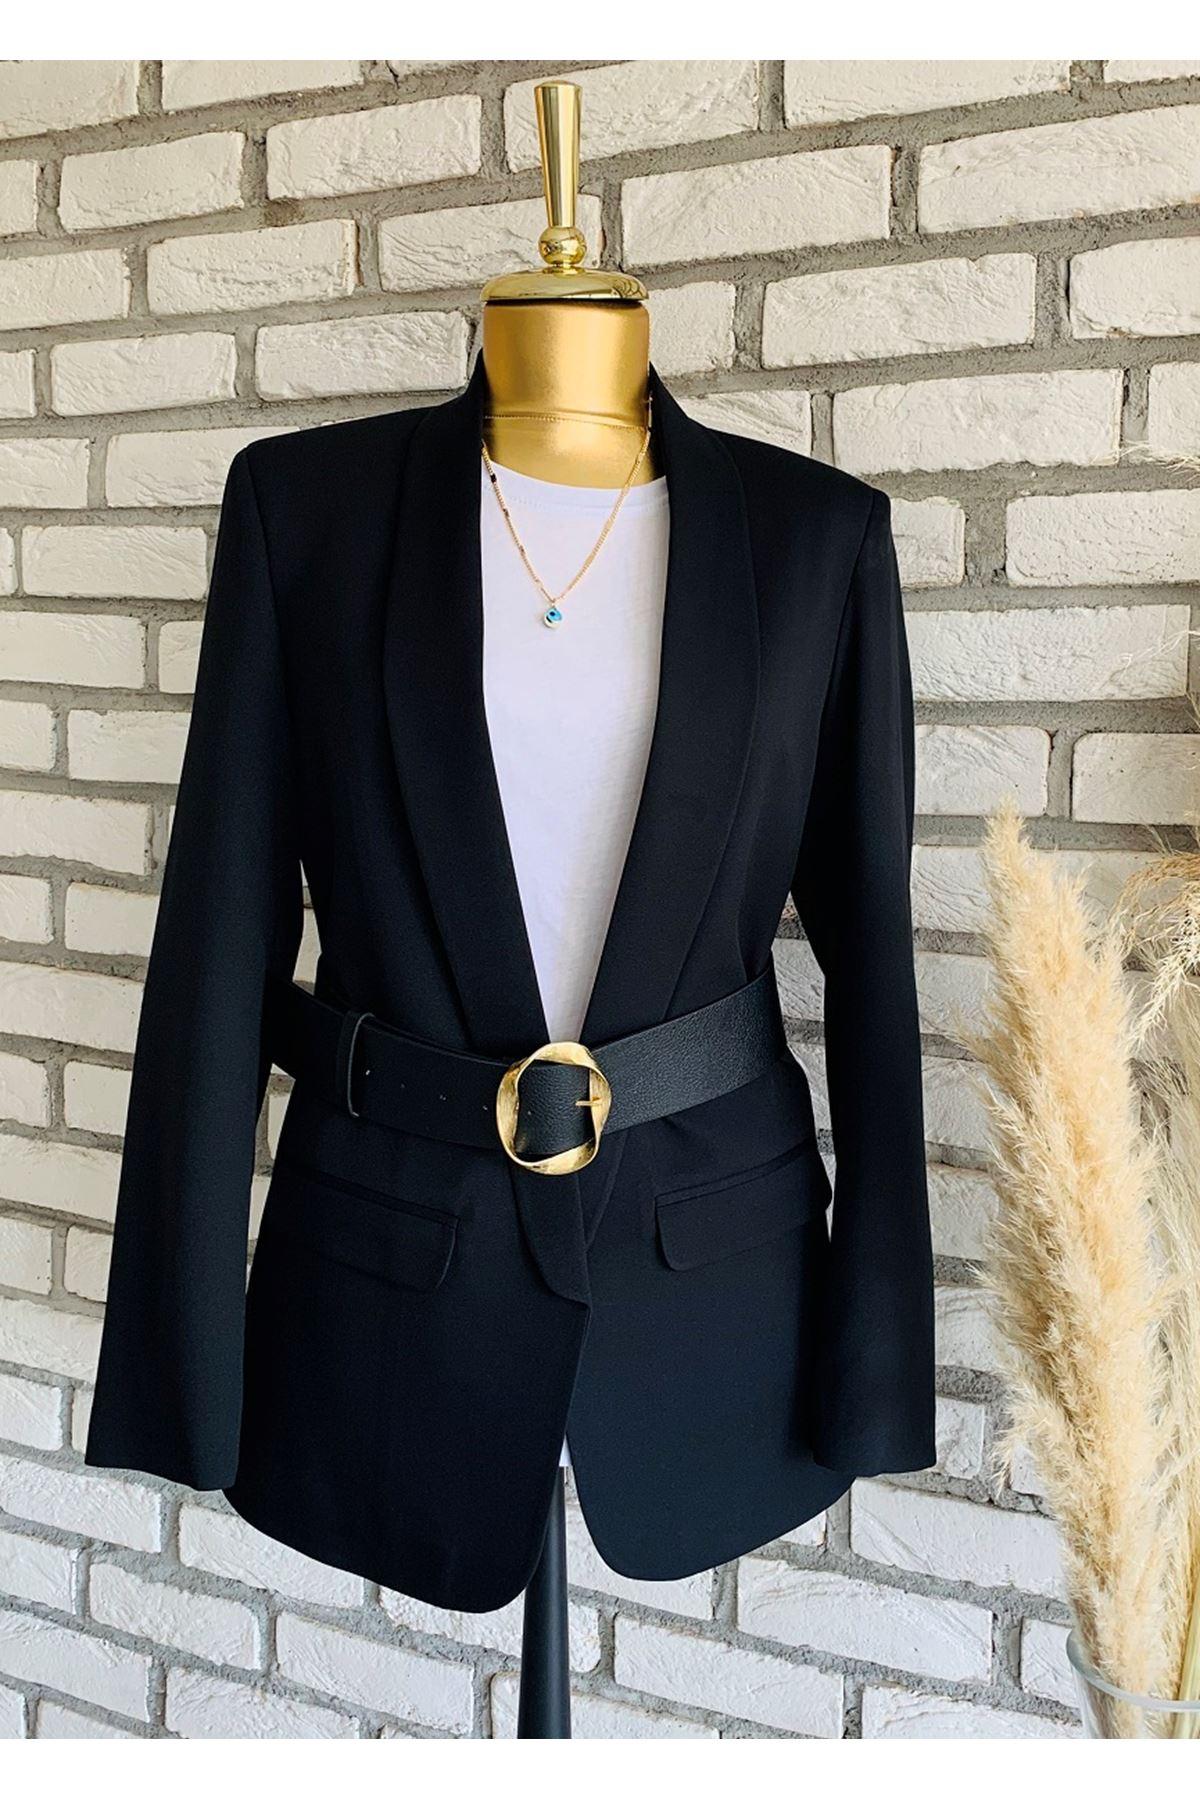 Zara Model Siyah Kemer